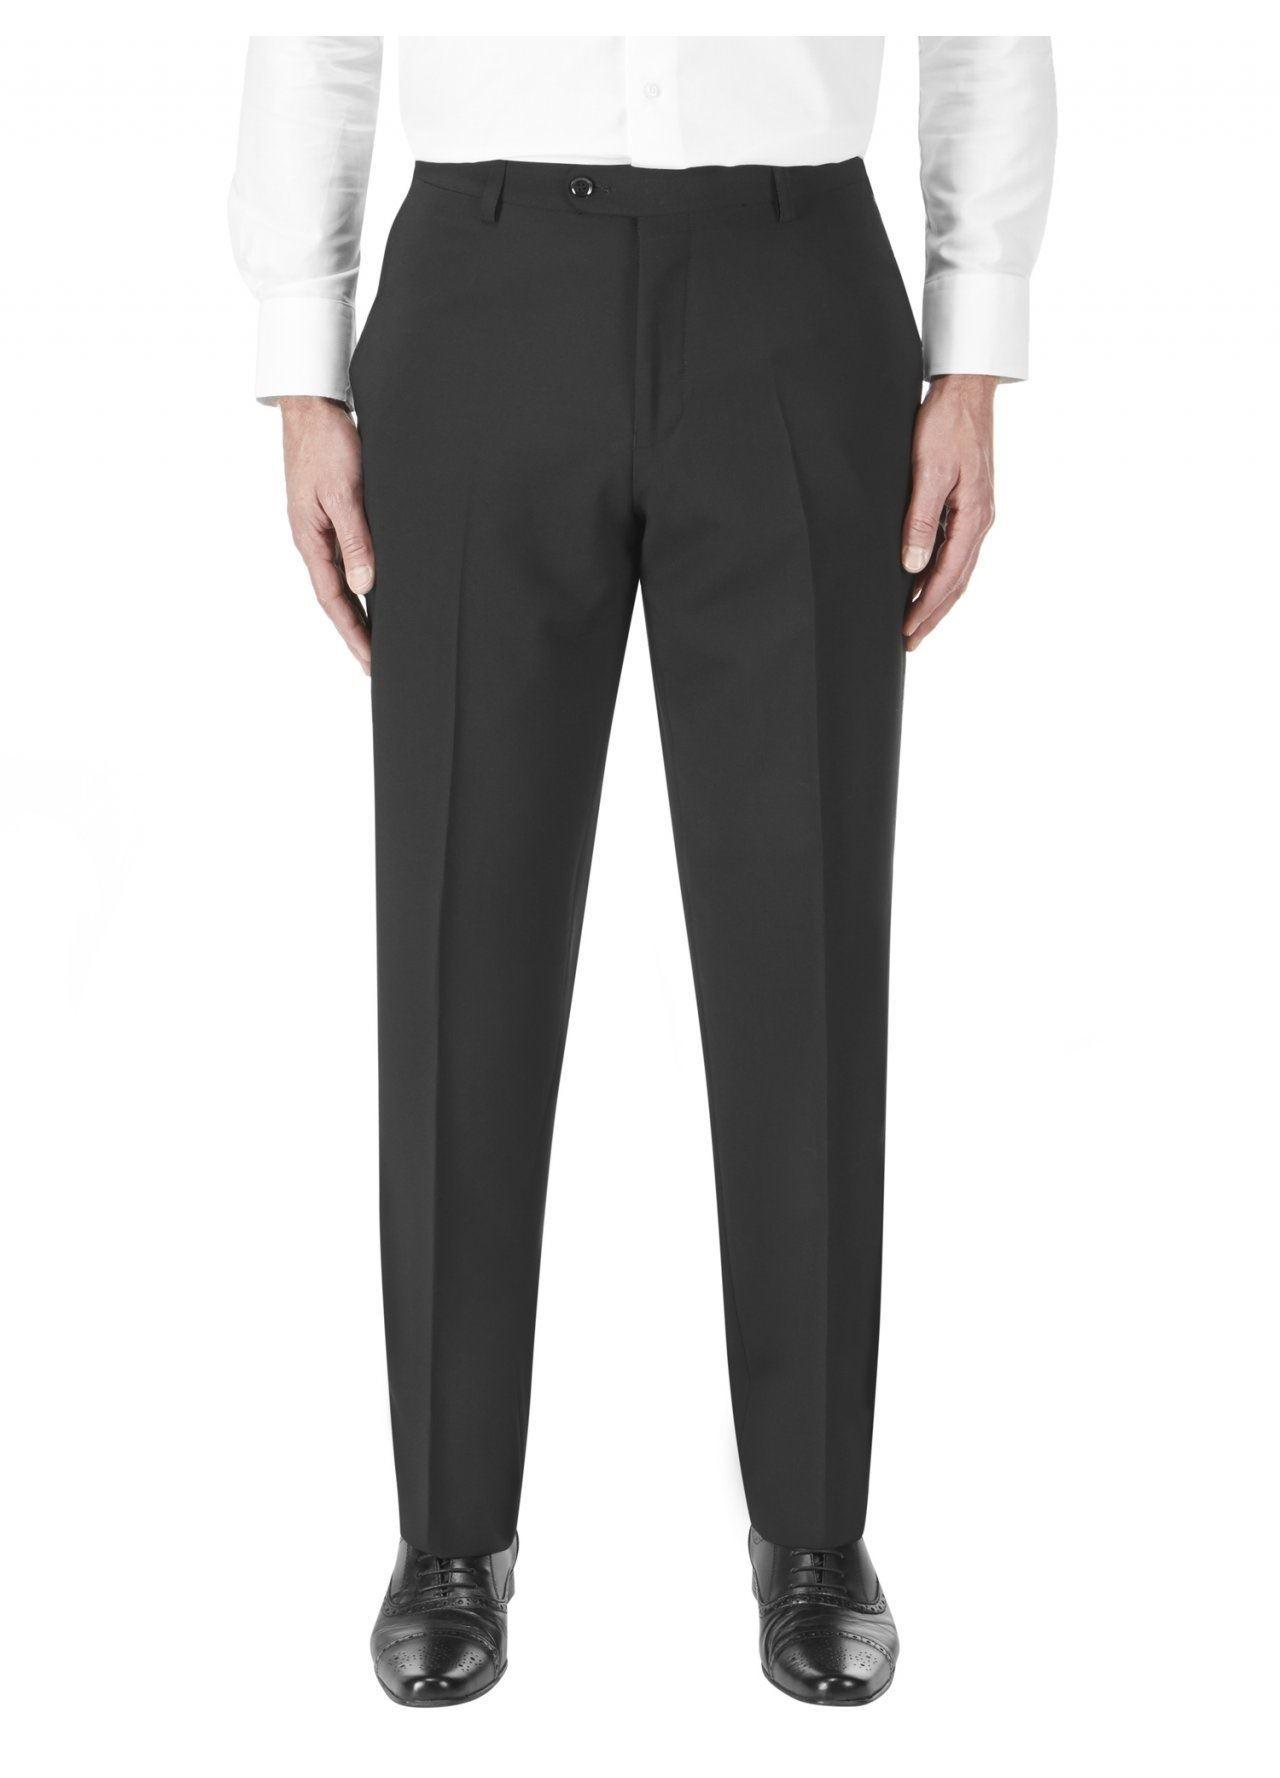 30 Skopes r La S Taille 60 Dans Noir Costume Pantalon Riche Laine l En Darwin q1qwvfp